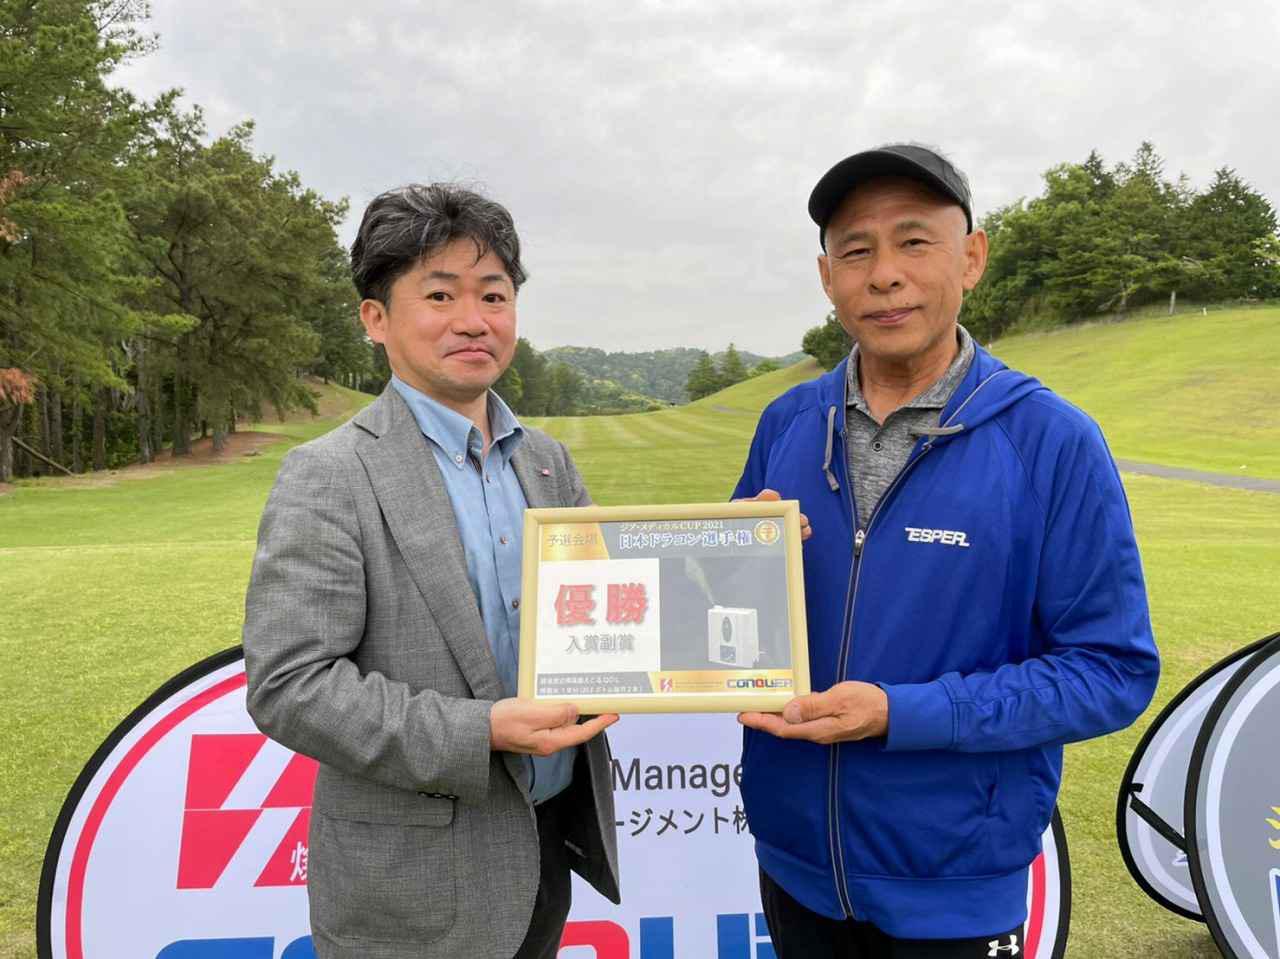 画像: 第9予選 ゴールドシニア(60+) 優勝 小宮 選手